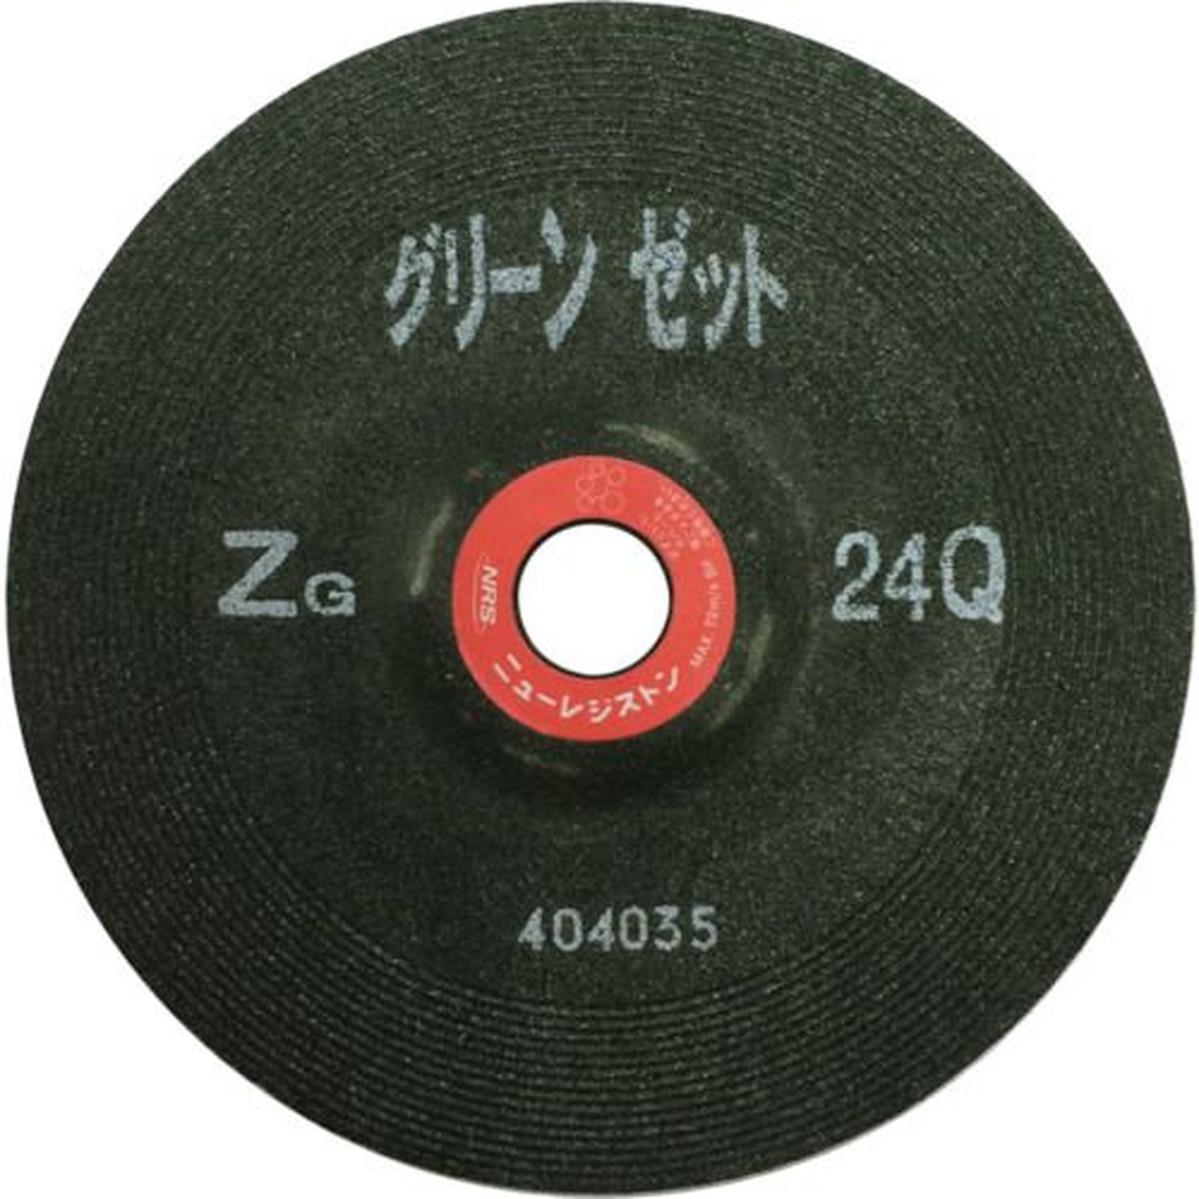 品質が完璧 NRS NRS 重研削用砥石 25枚 グリーンゼット ZG24Q 180×6×22 ZG24Q 25枚, 仏壇仏具の素心:05fcf59b --- independentescortsdelhi.in